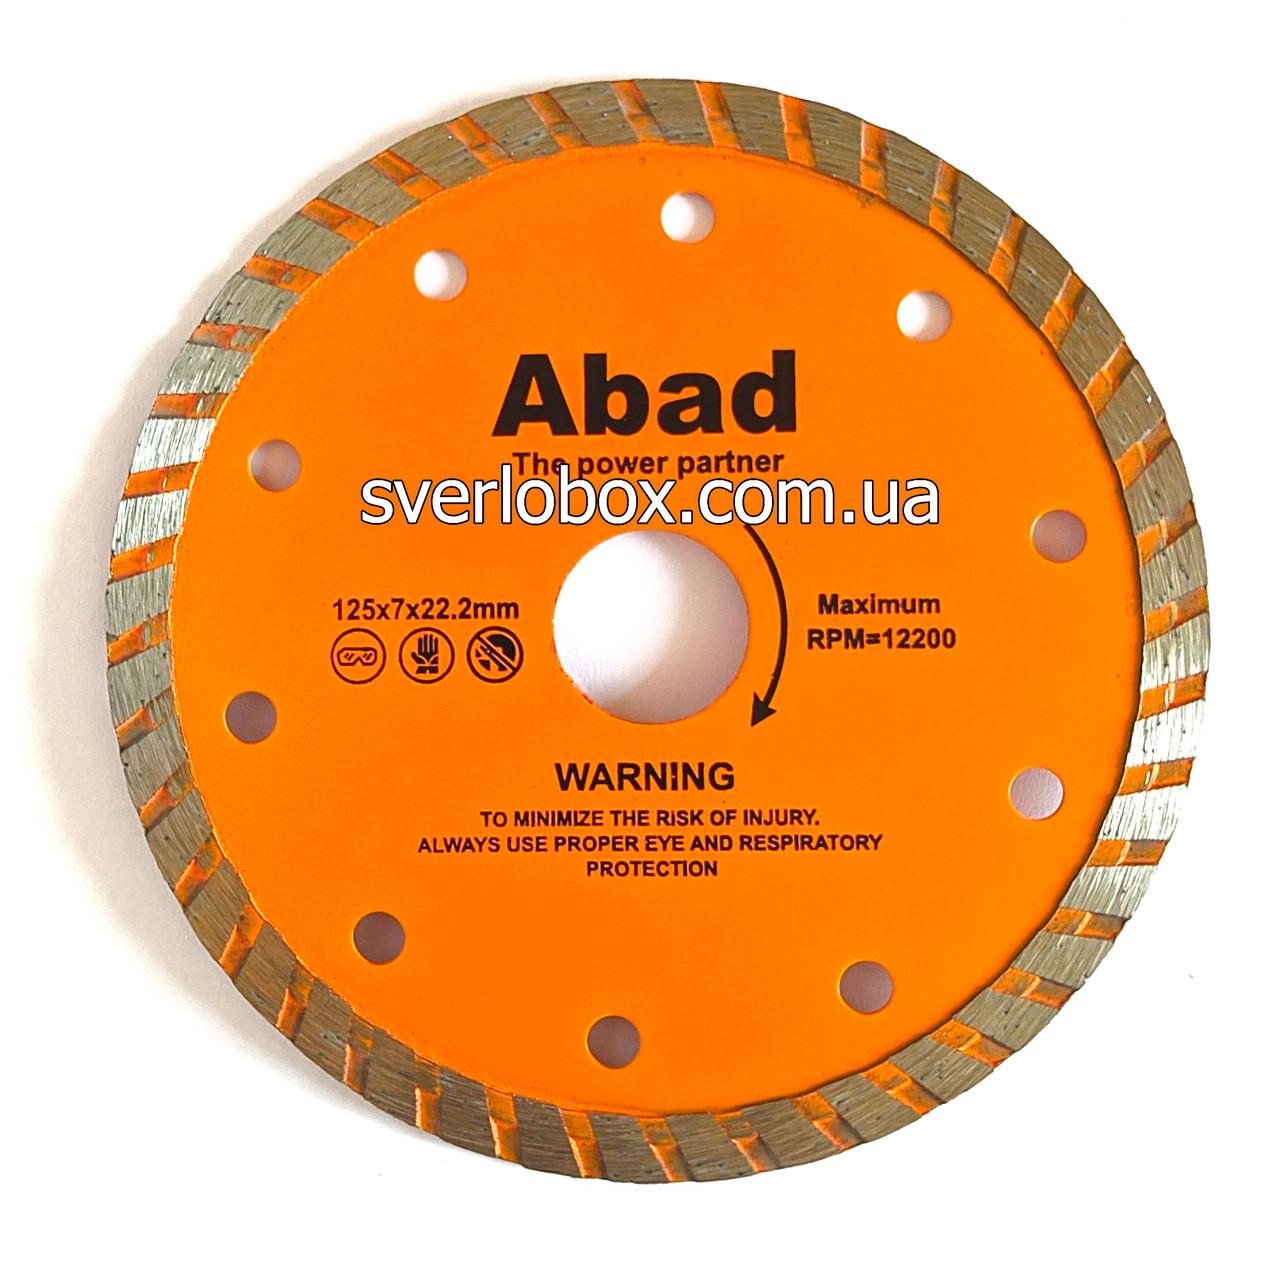 """Алмазний диск по кераміці """"ABAD"""" Турбоволна 230*22.22*7"""